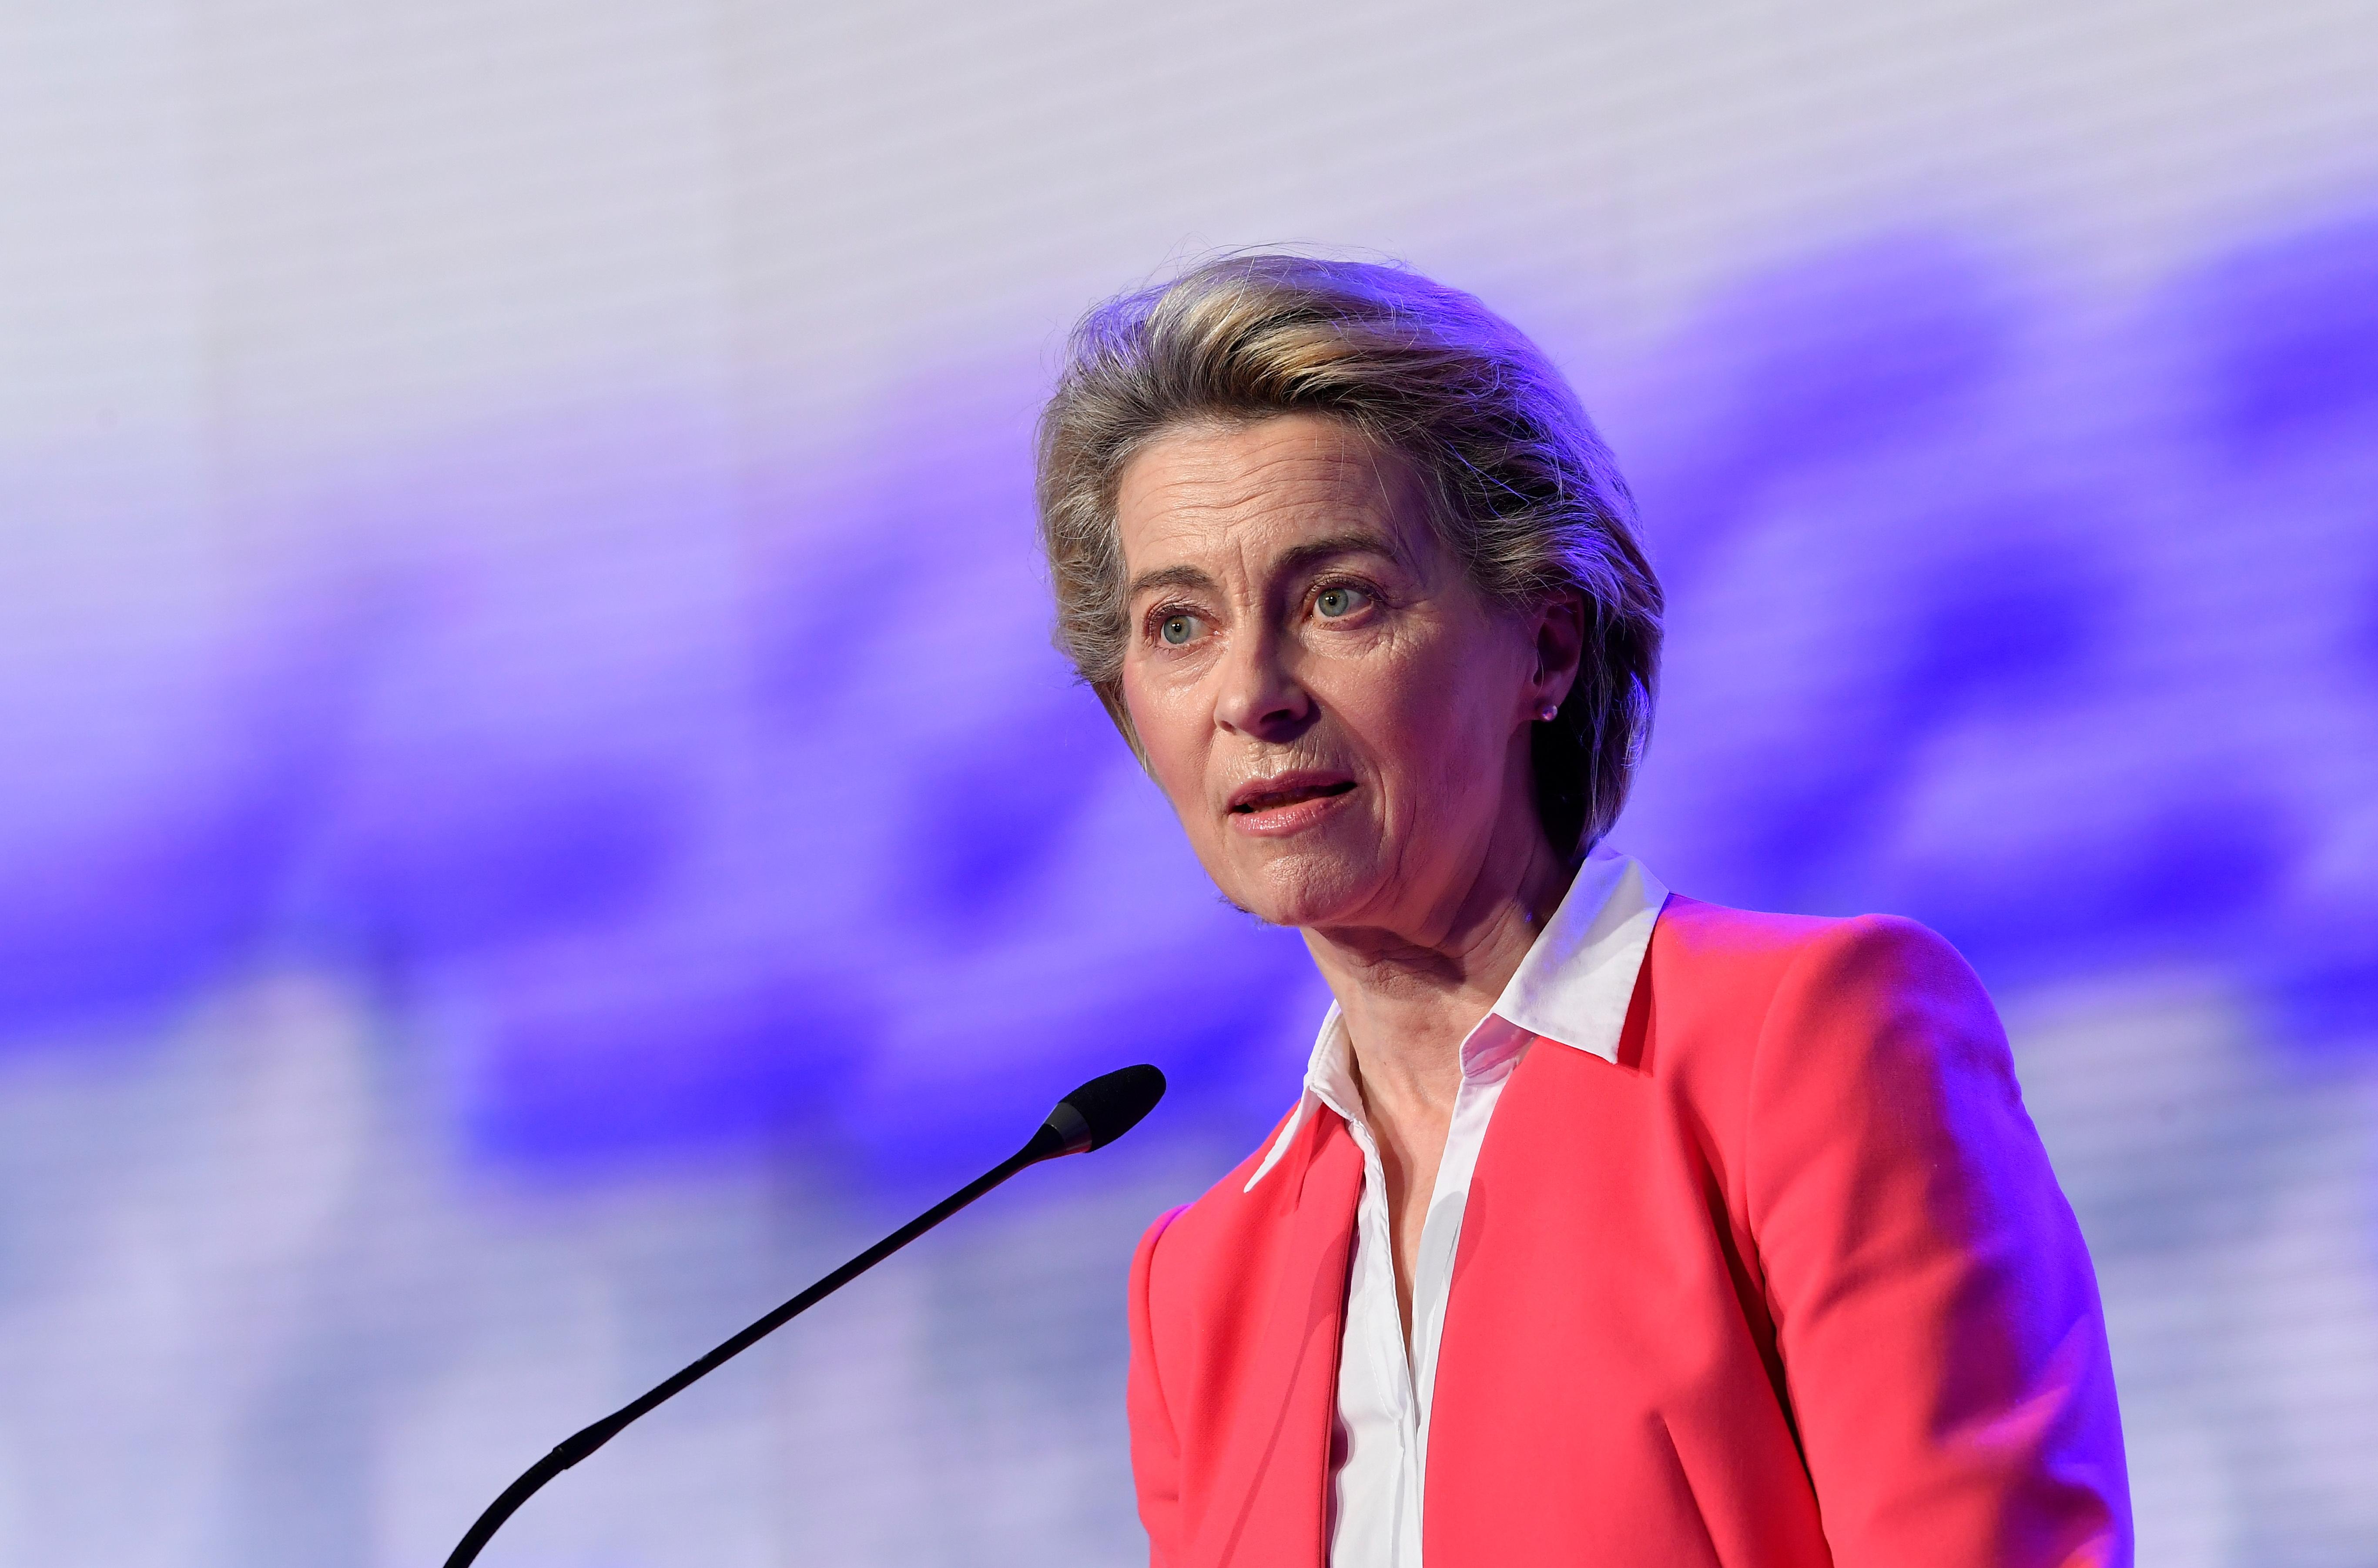 European Commission President Ursula von der Leyen addresses a press conference in Puurs, Belgium April 23, 2021. John Thys /Pool via REUTERS